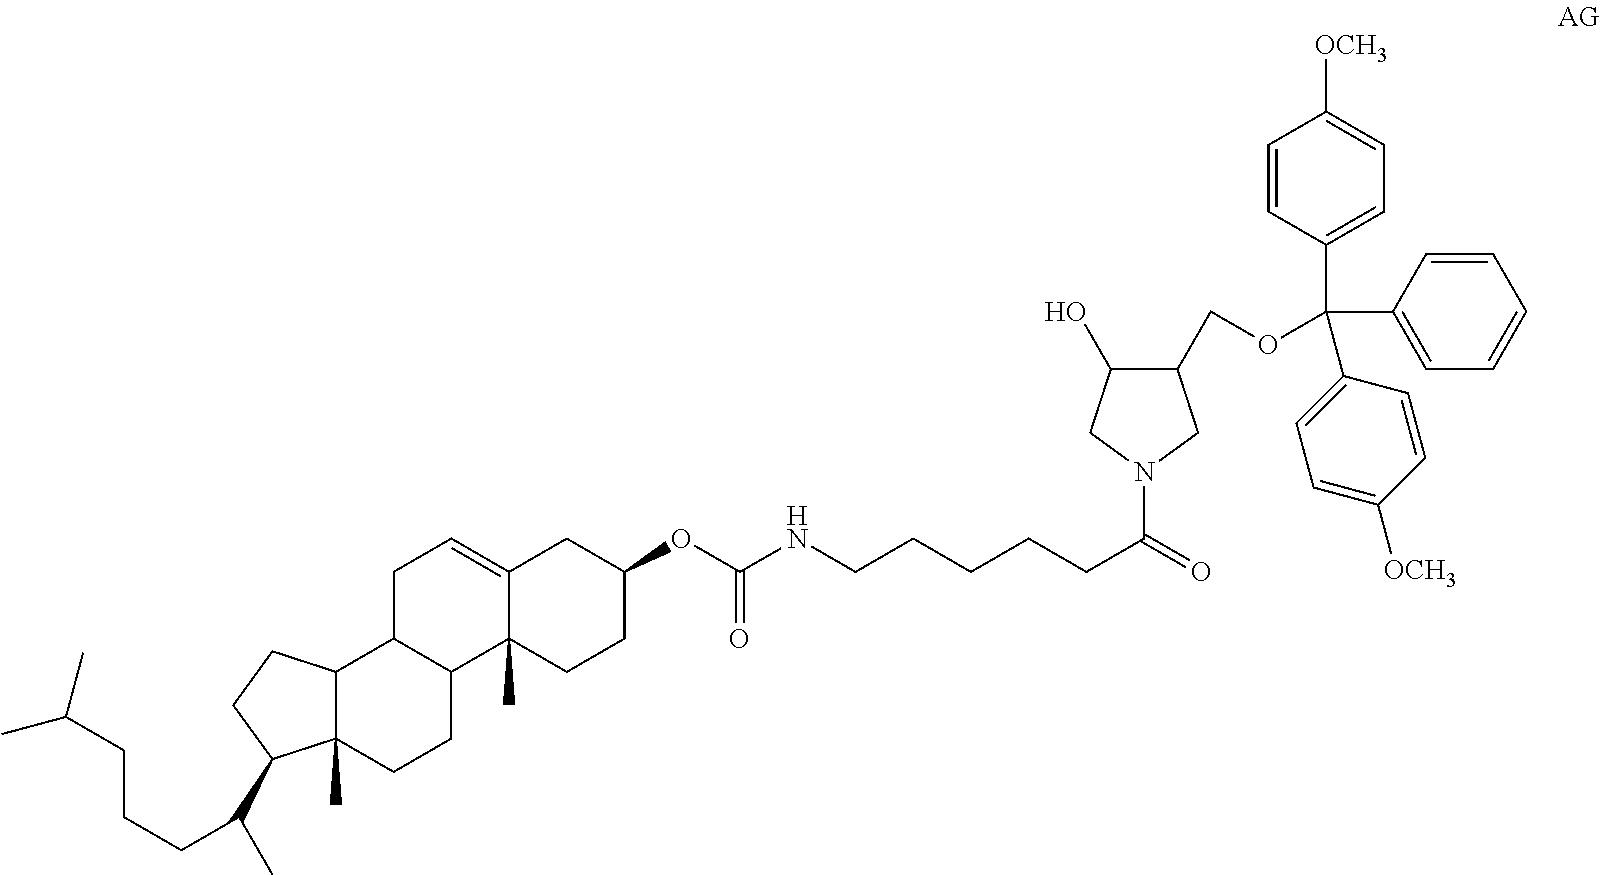 Figure US20110251262A1-20111013-C00008